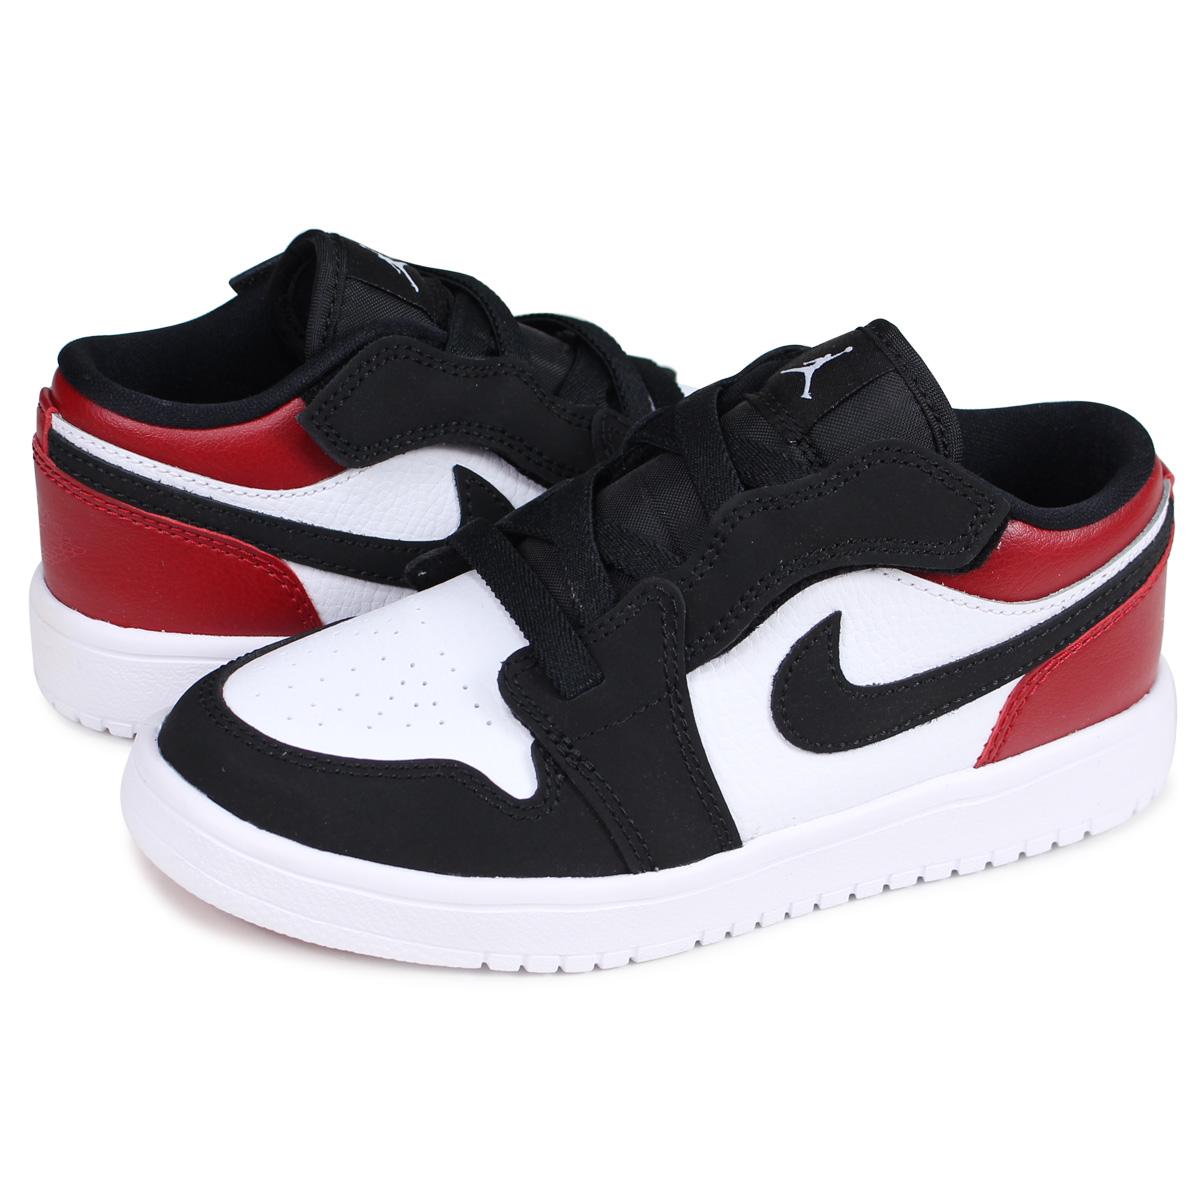 NIKE Nike Air Jordan 1 sneakers kids AIR JORDAN 1 LOW ALT PS BLACK TOE つま black white white BQ6066 116